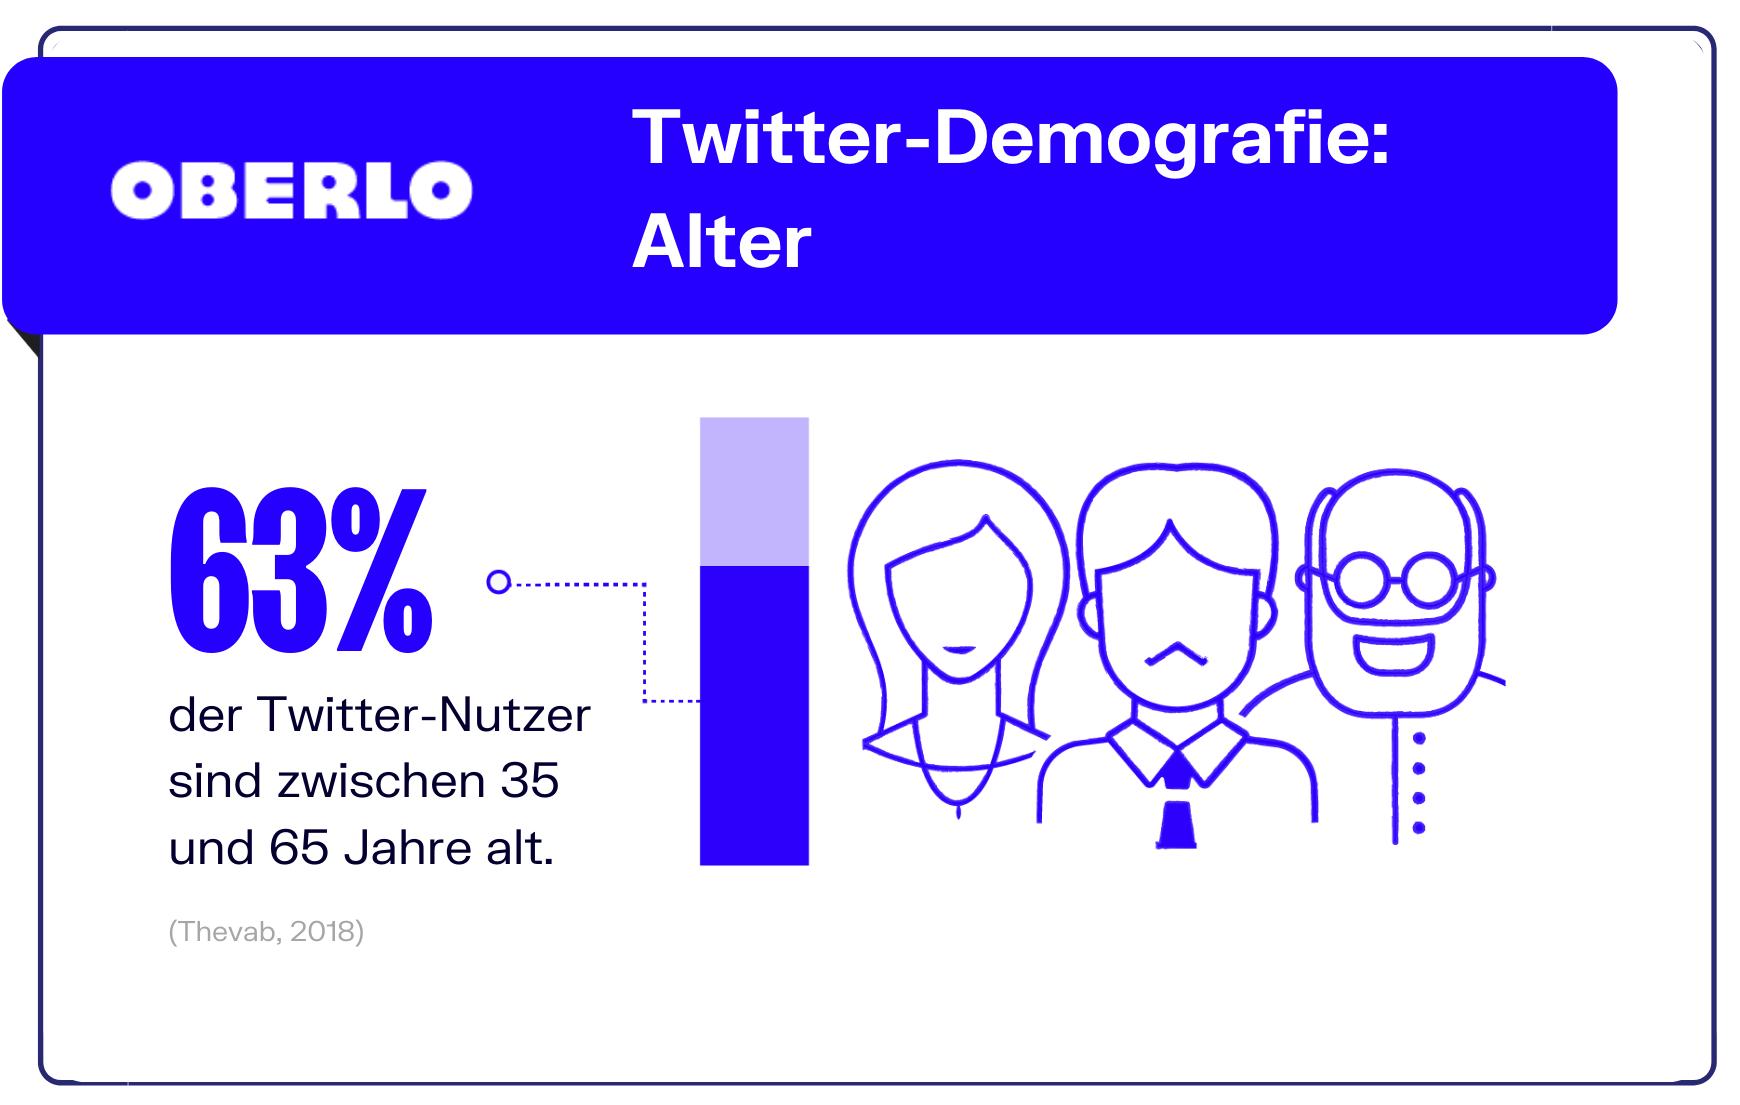 Twitter Statistik: Alter